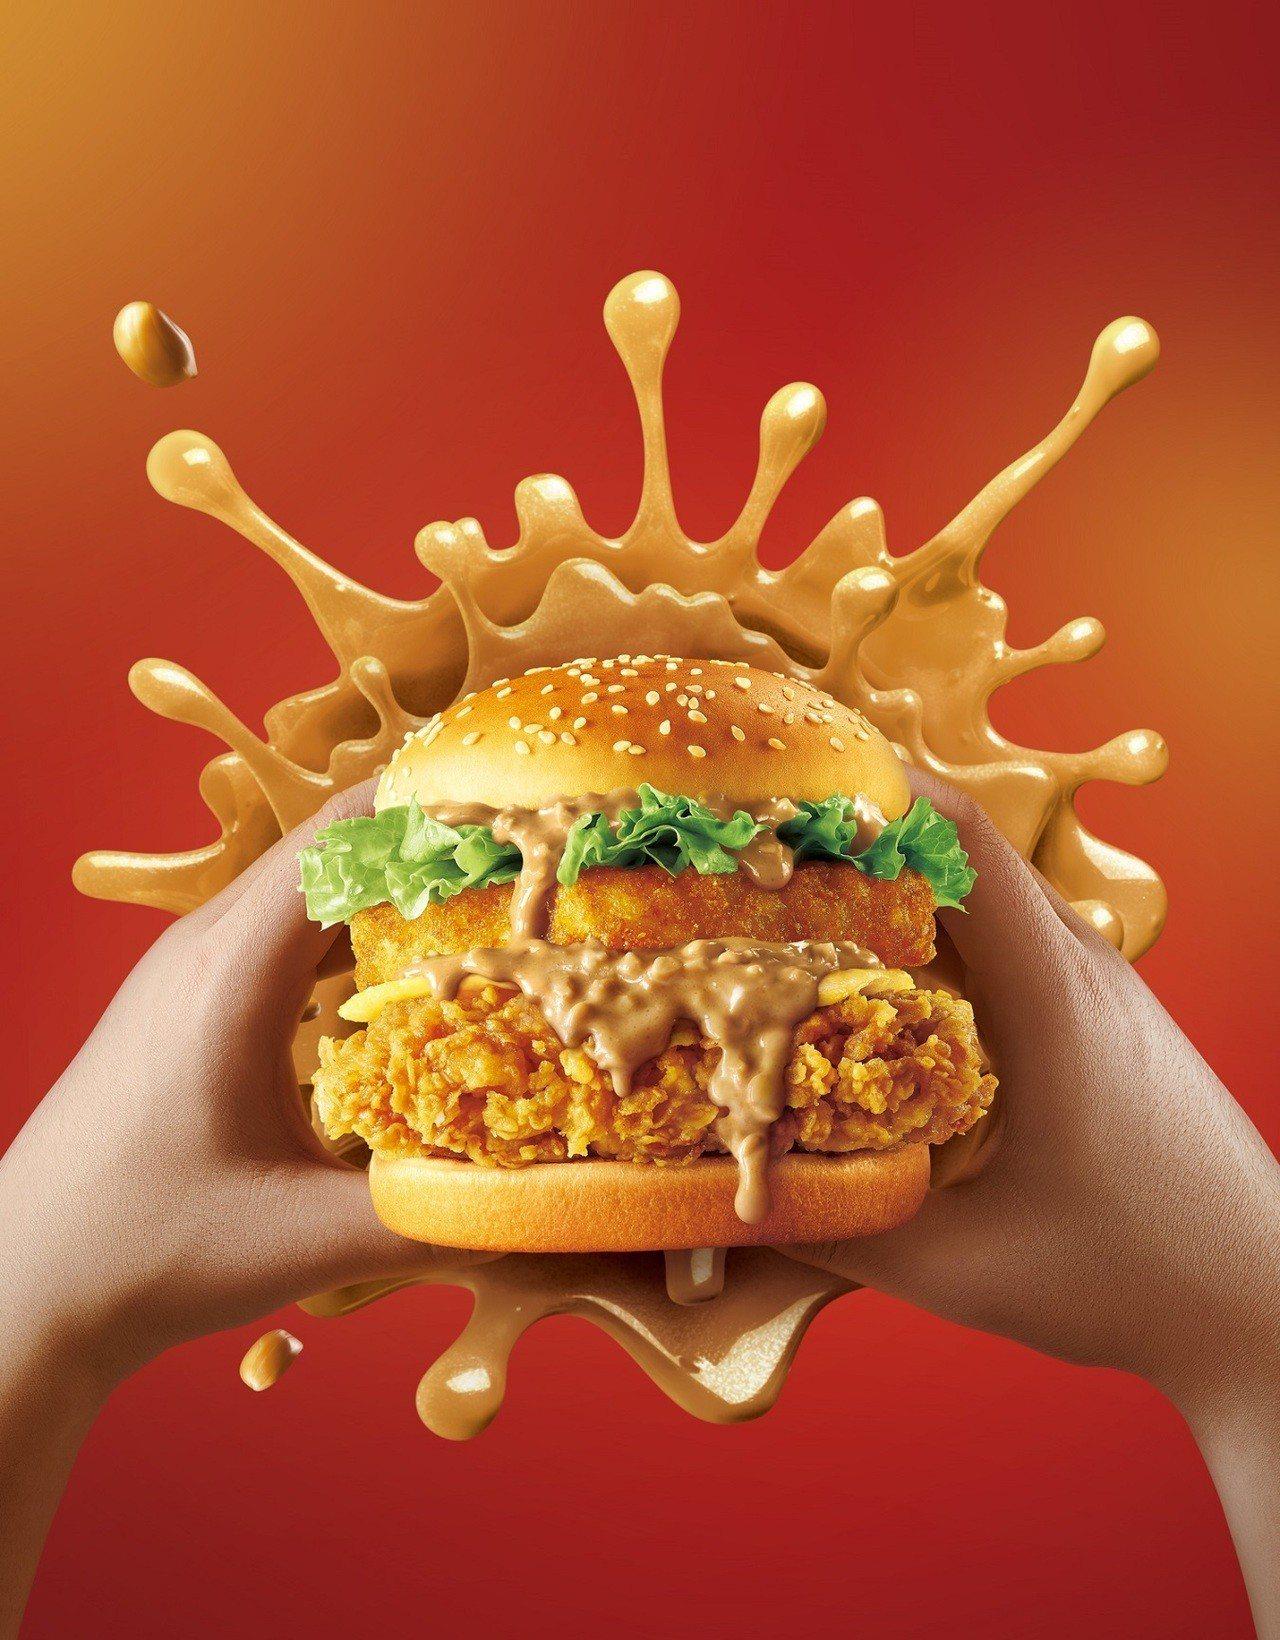 肯德基新推出的「花生熔岩咔啦雞腿堡」,多層次絕妙風味獲得花生醬控的超高迴響。肯德...